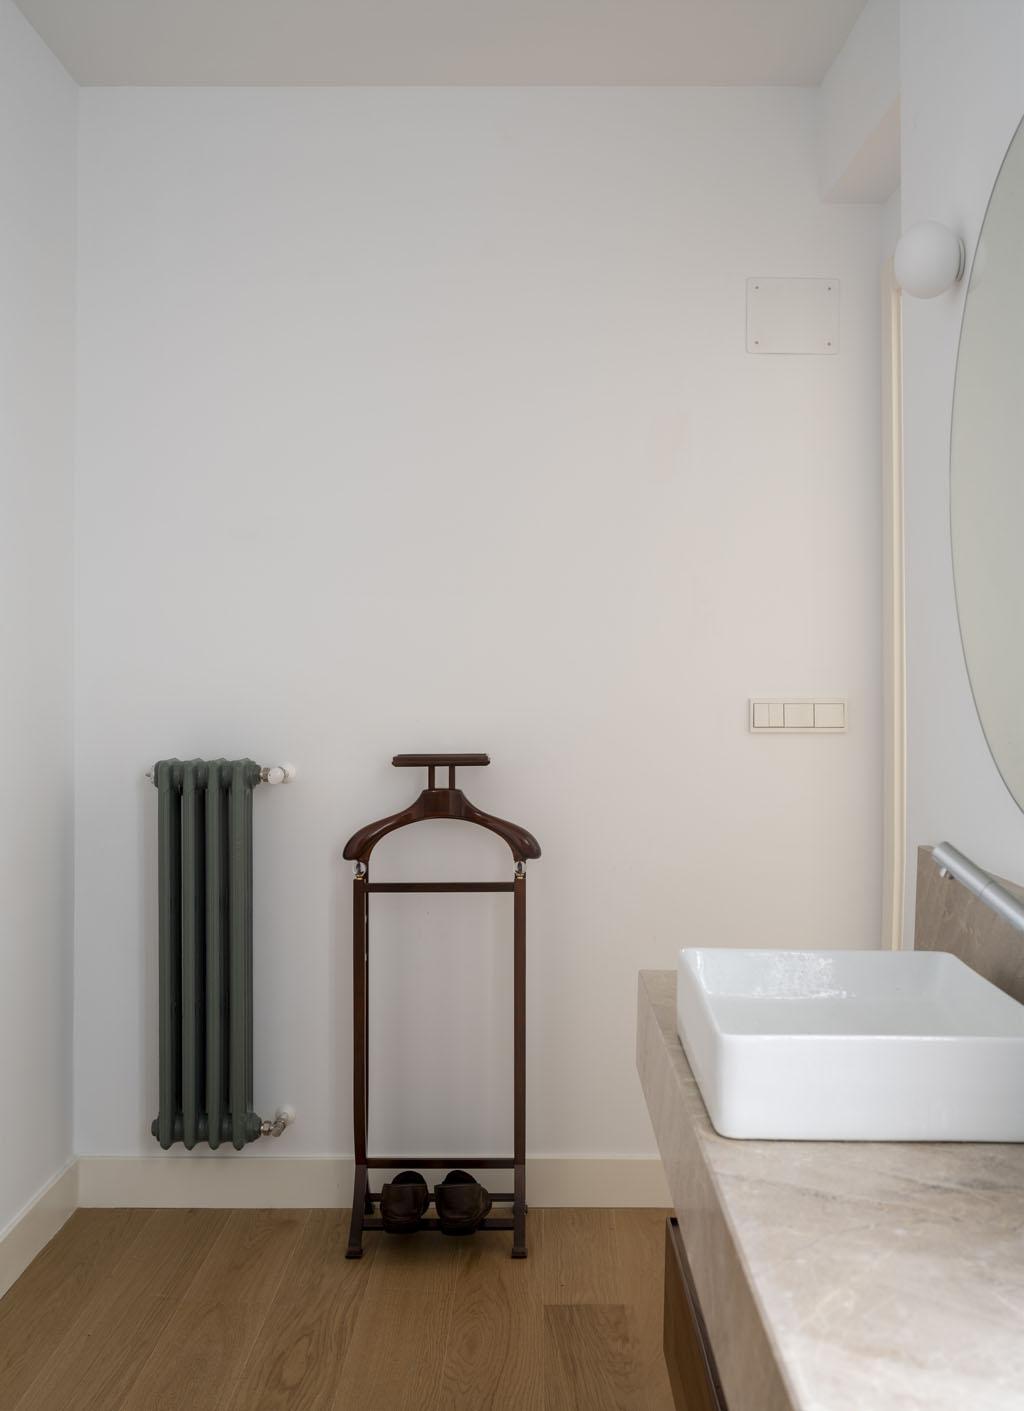 GERNIKA_web_006-Erlantz Biderbost fotografo de arquitectura e interiores